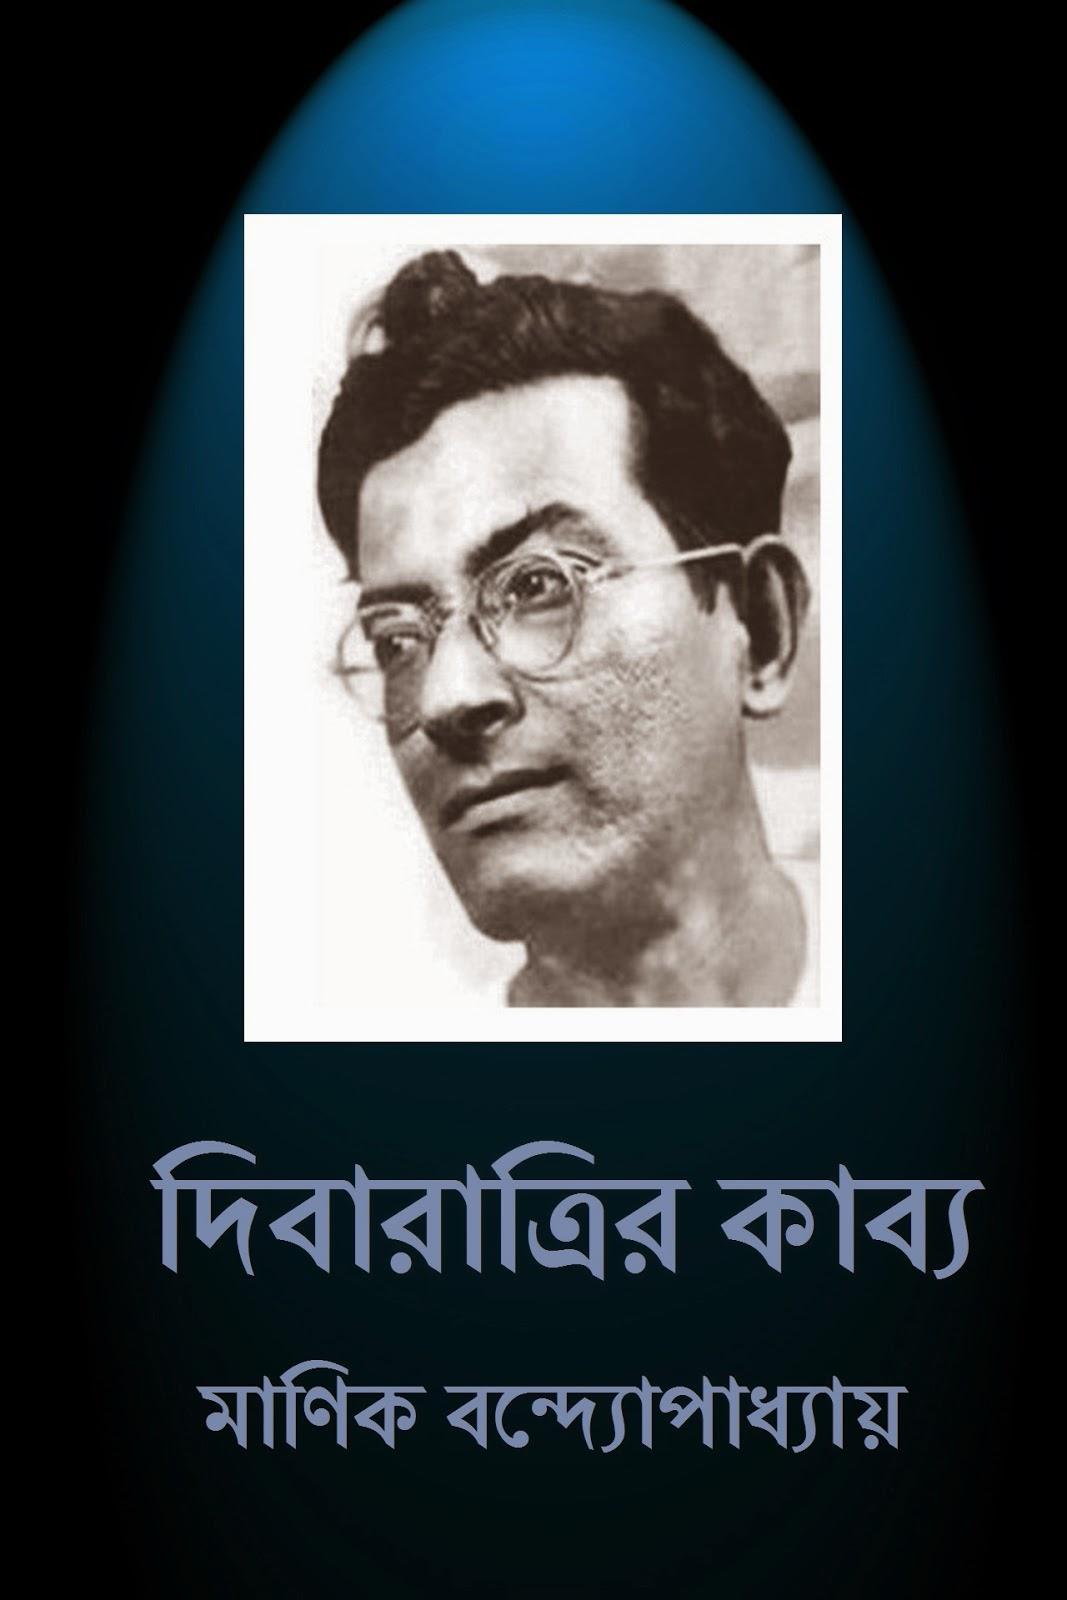 http://www.mediafire.com/download/yj84sg1k81y9fqn/Dibaratrir_Kabbo+-+Manik+Bandyopadhyay.pdf